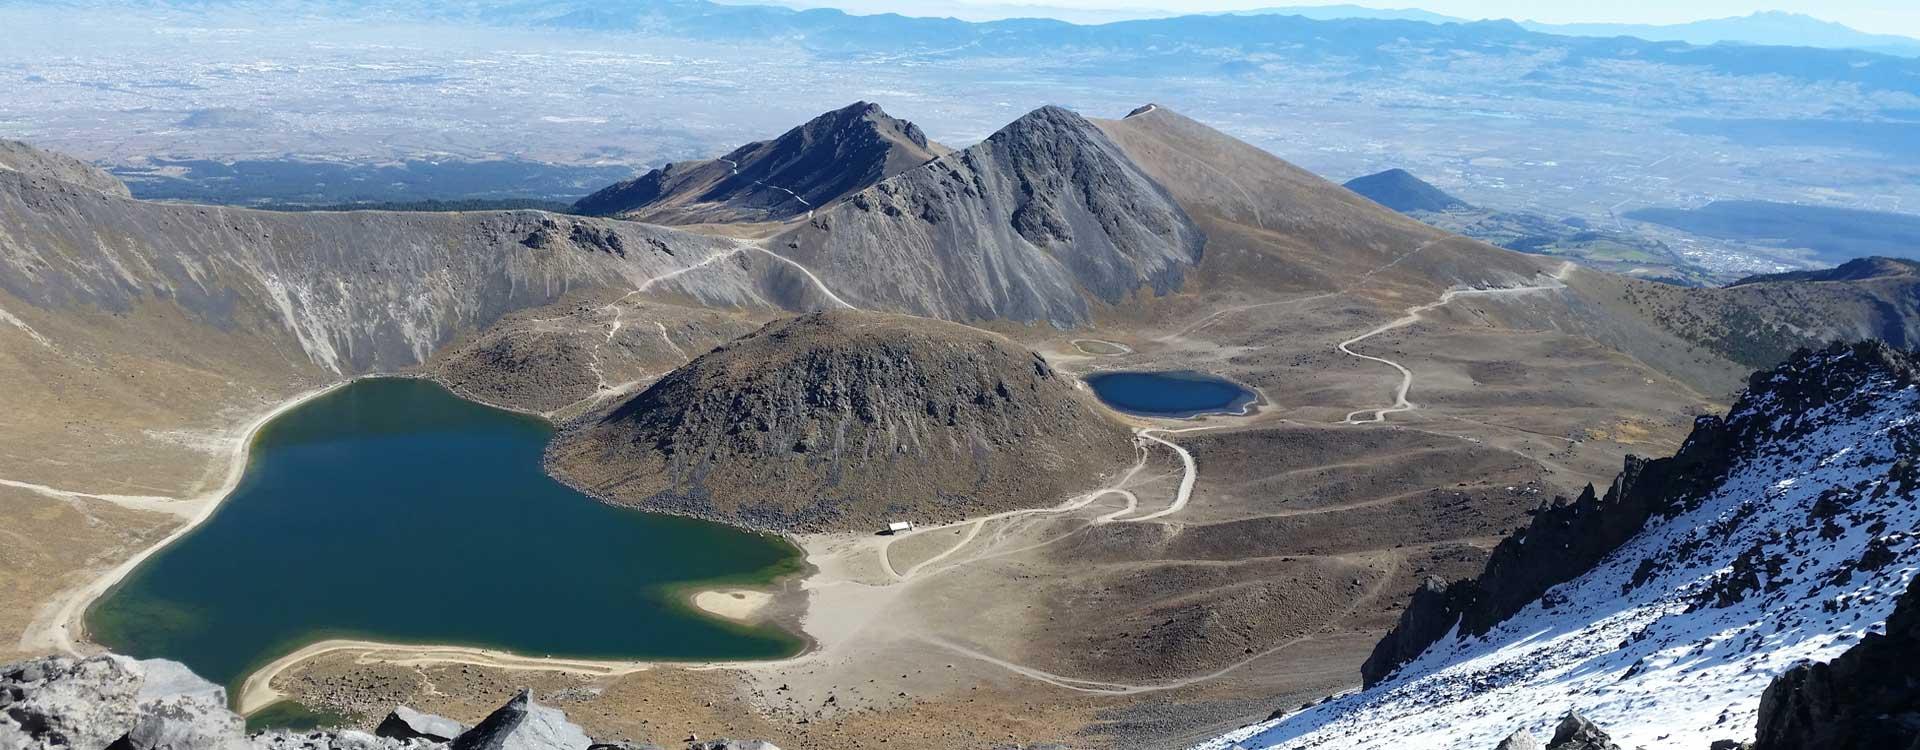 vista aérea del Nevado de Toluca